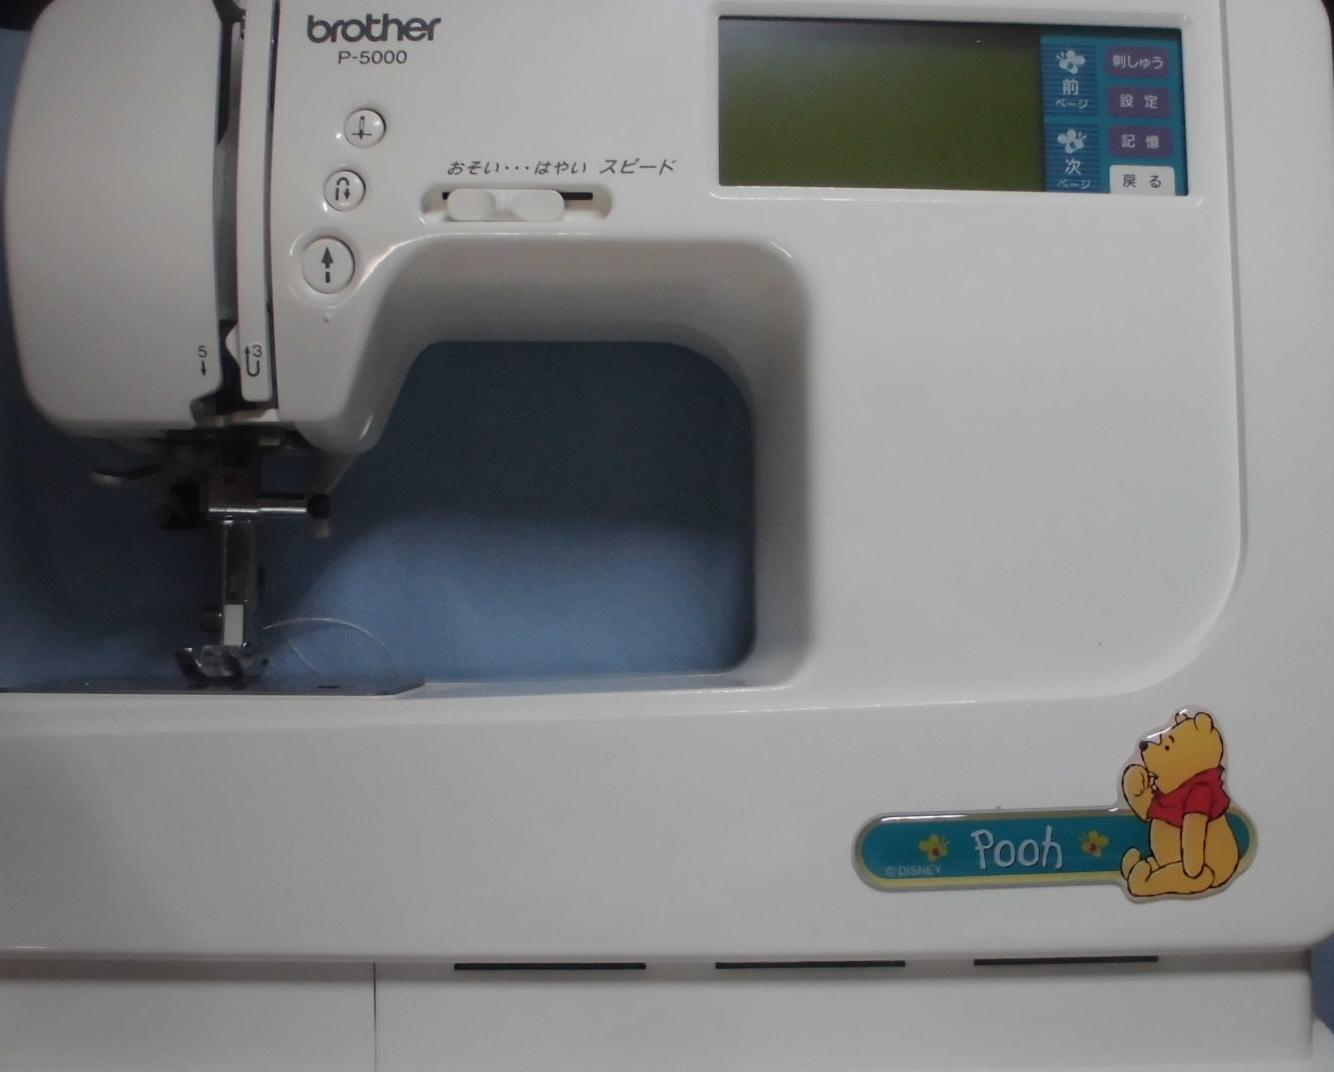 ブラザーミシンの修理|ZZ3-B140・P-5000|縫えない、釜ずれ、タイミング不良